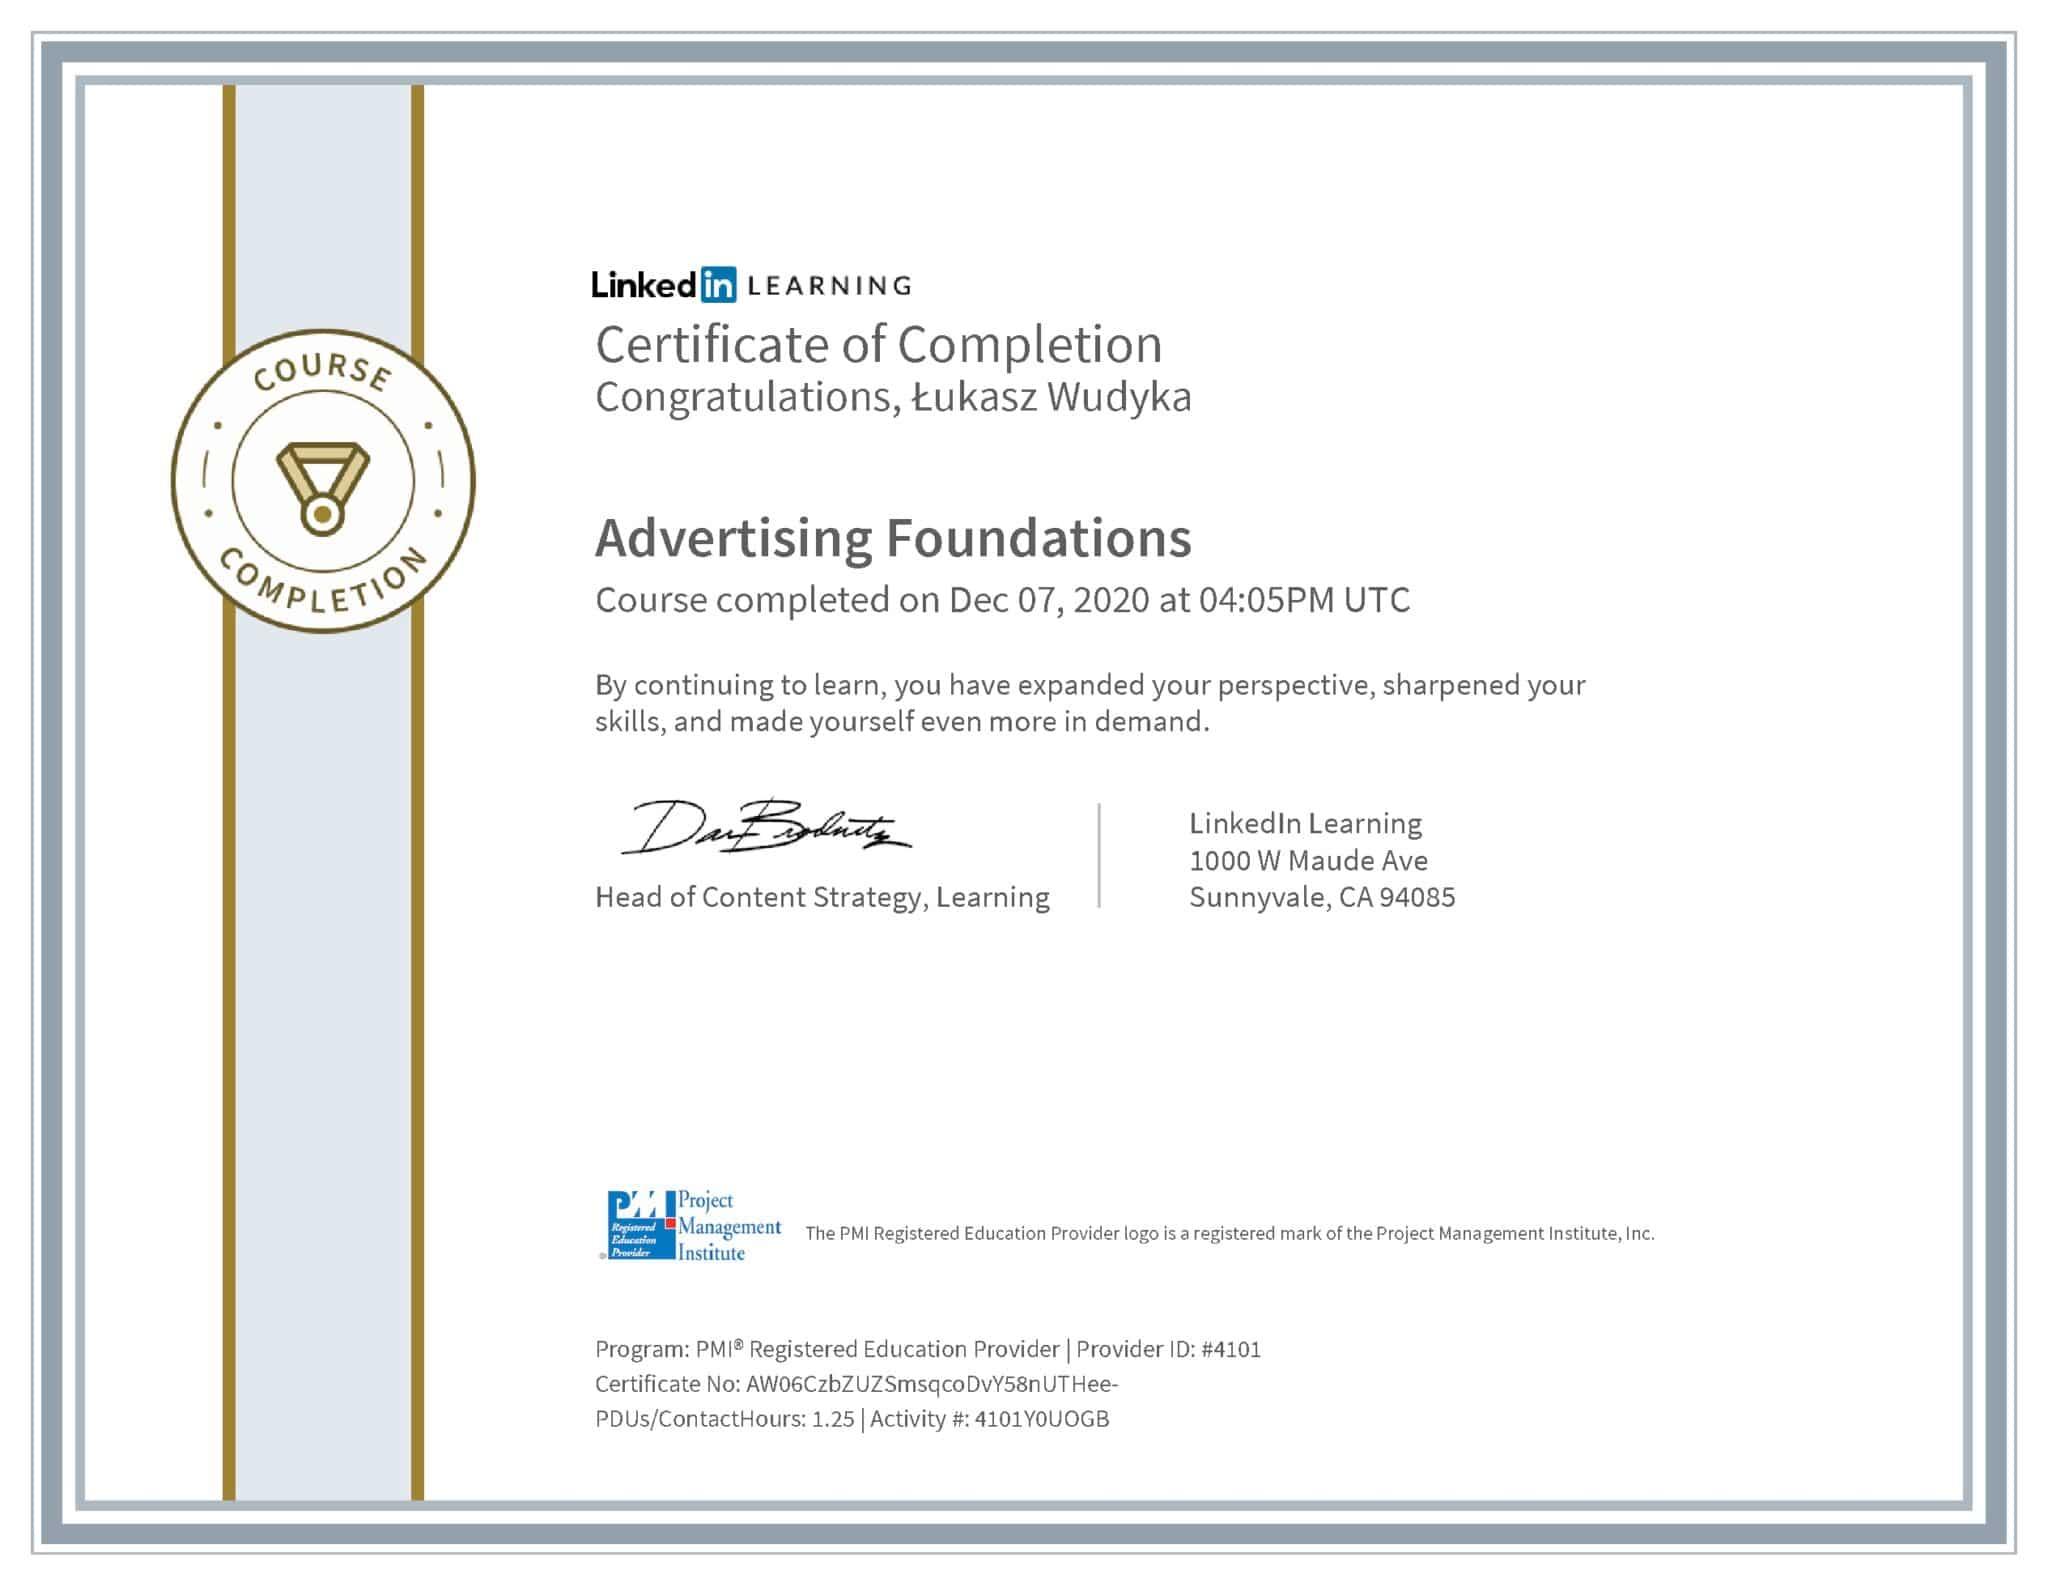 Łukasz Wudyka certyfikat LinkedIn Advertising Foundations PMI